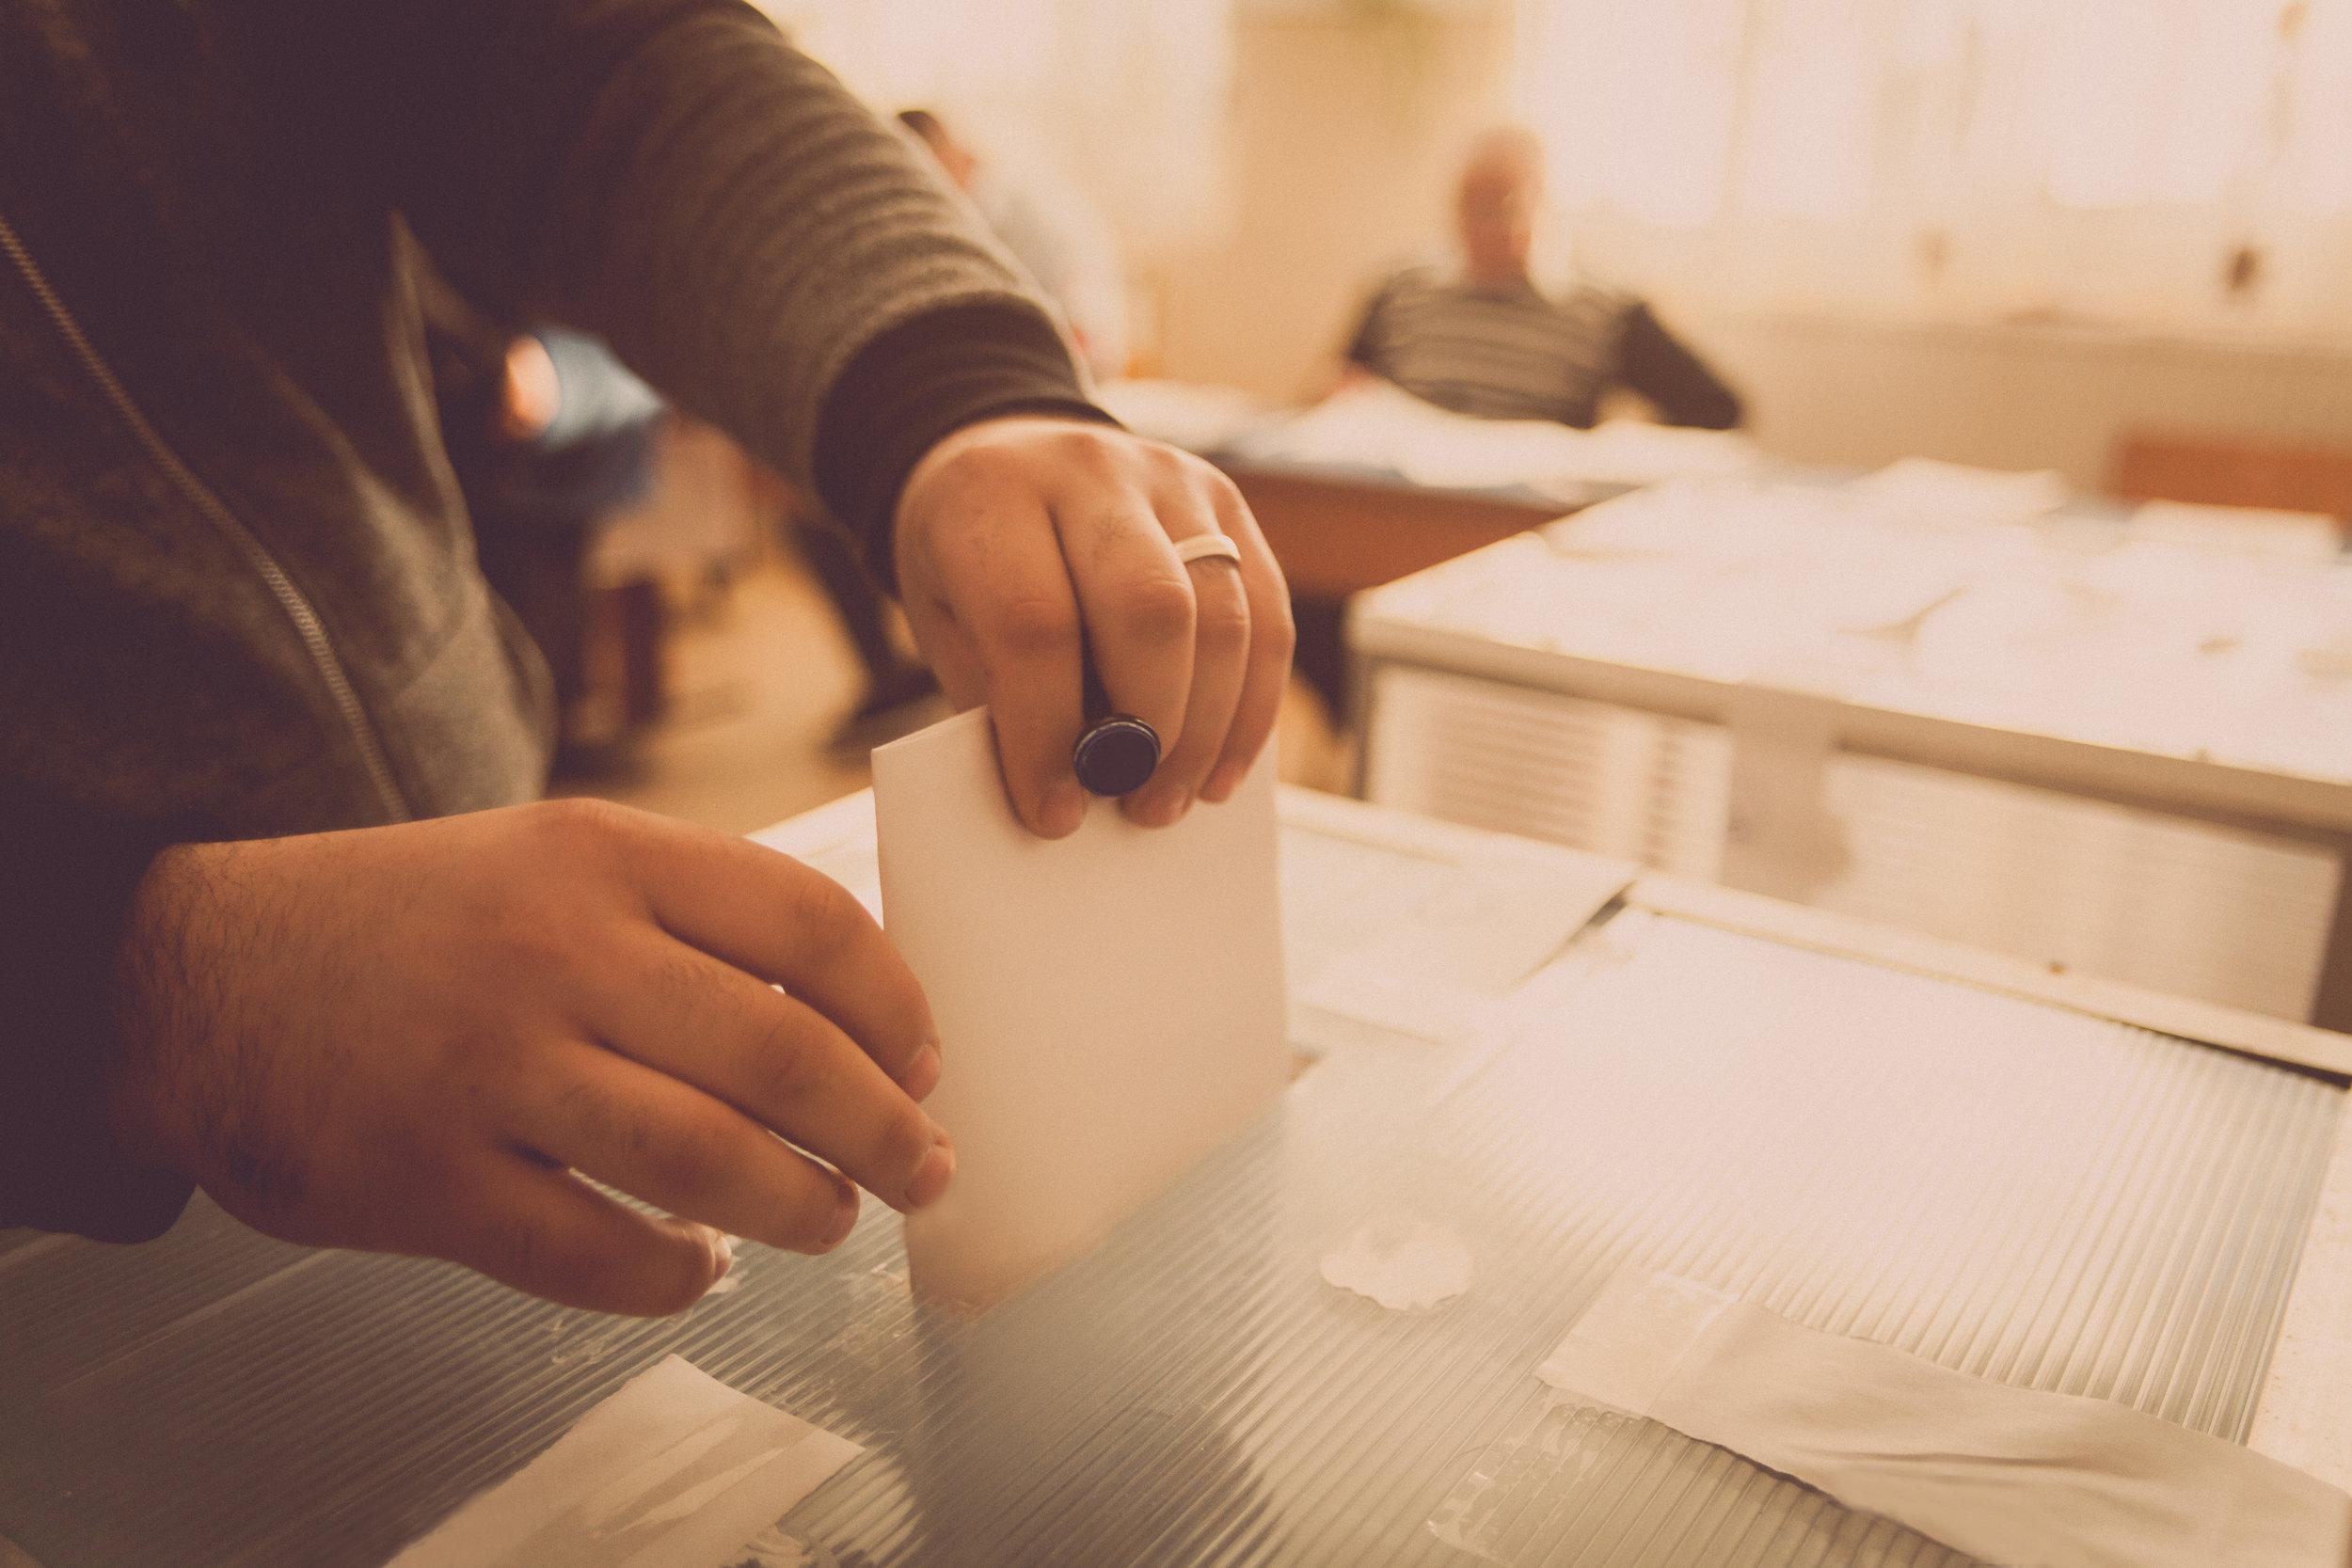 PROTECTING DEMOCRACY